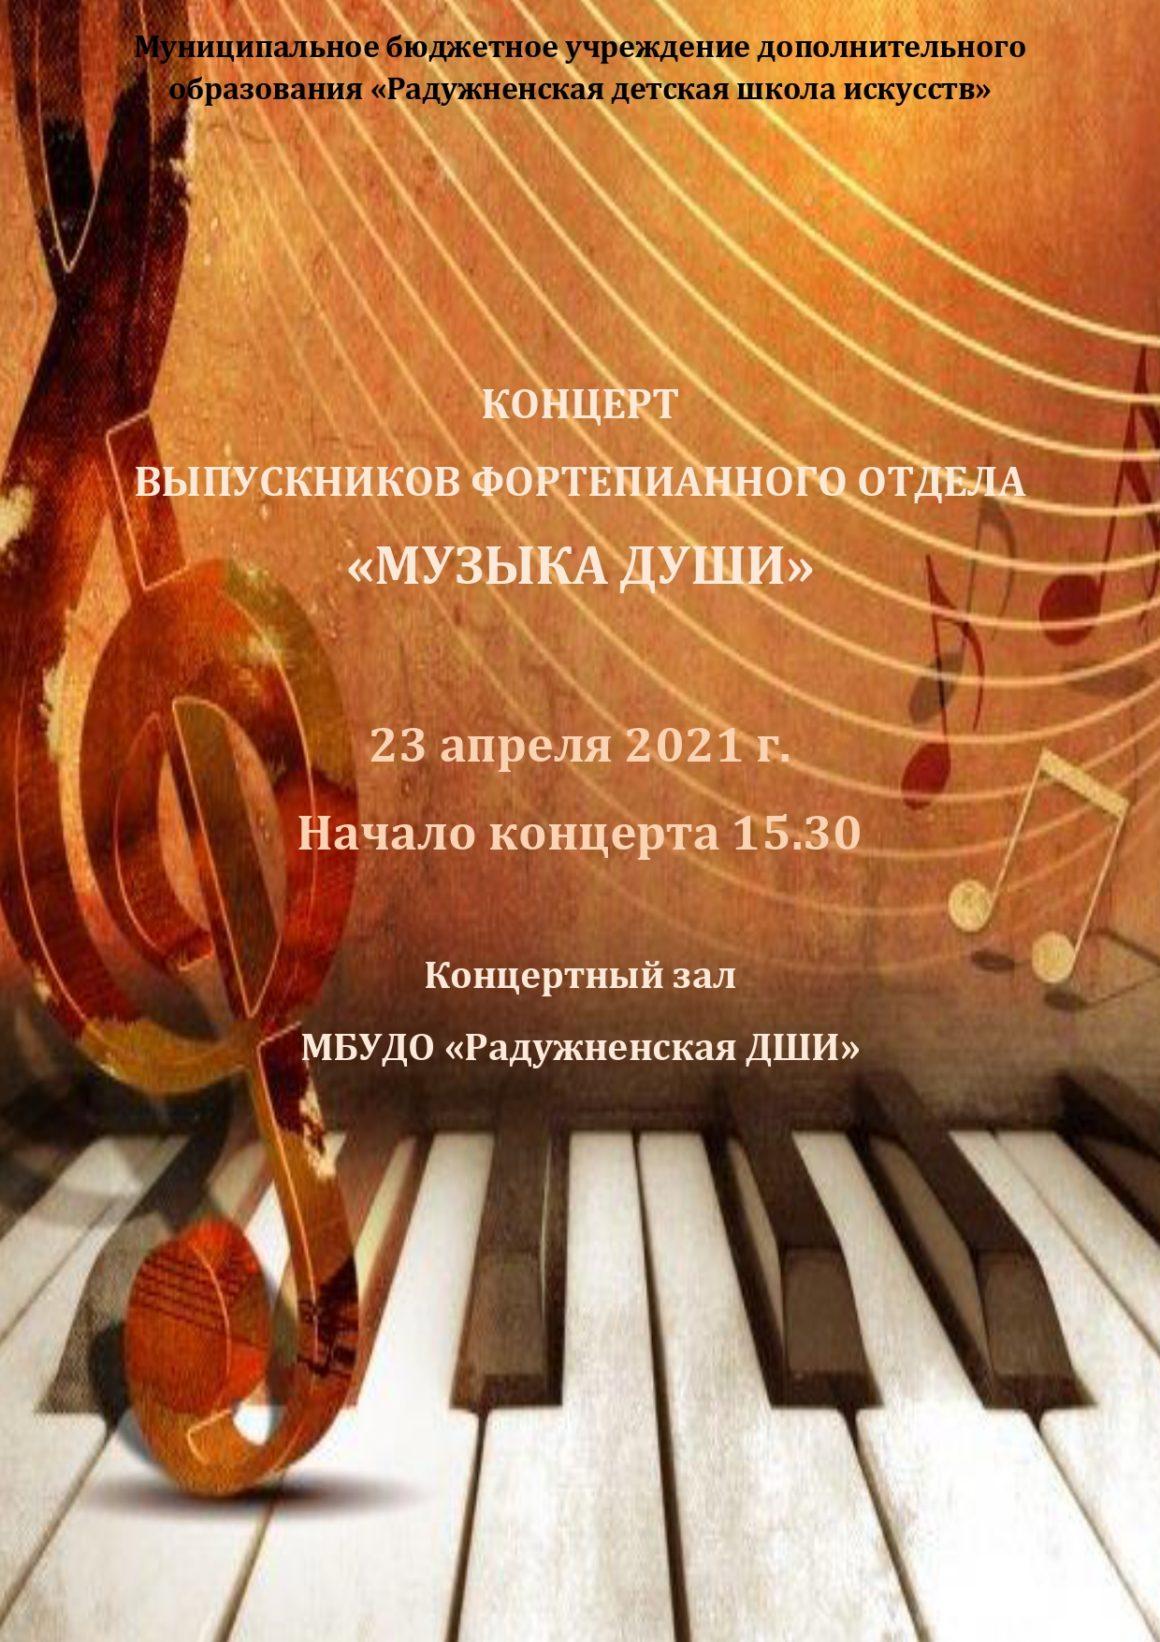 Концерт выпускников фортепианного отдела «Музыка души».